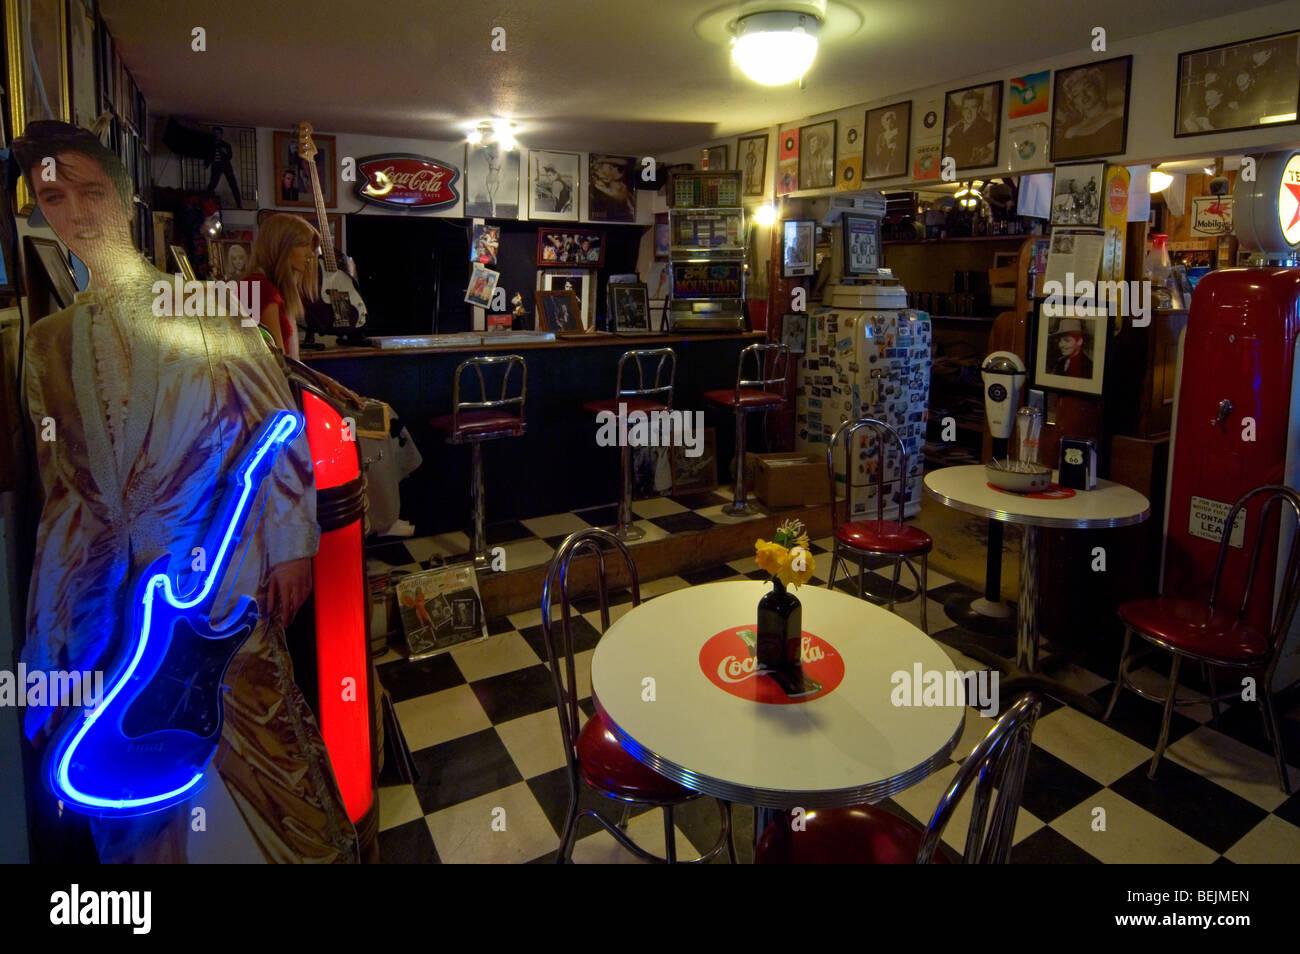 Interieur Du Restaurant Diner Americain Des Annees 50 Le